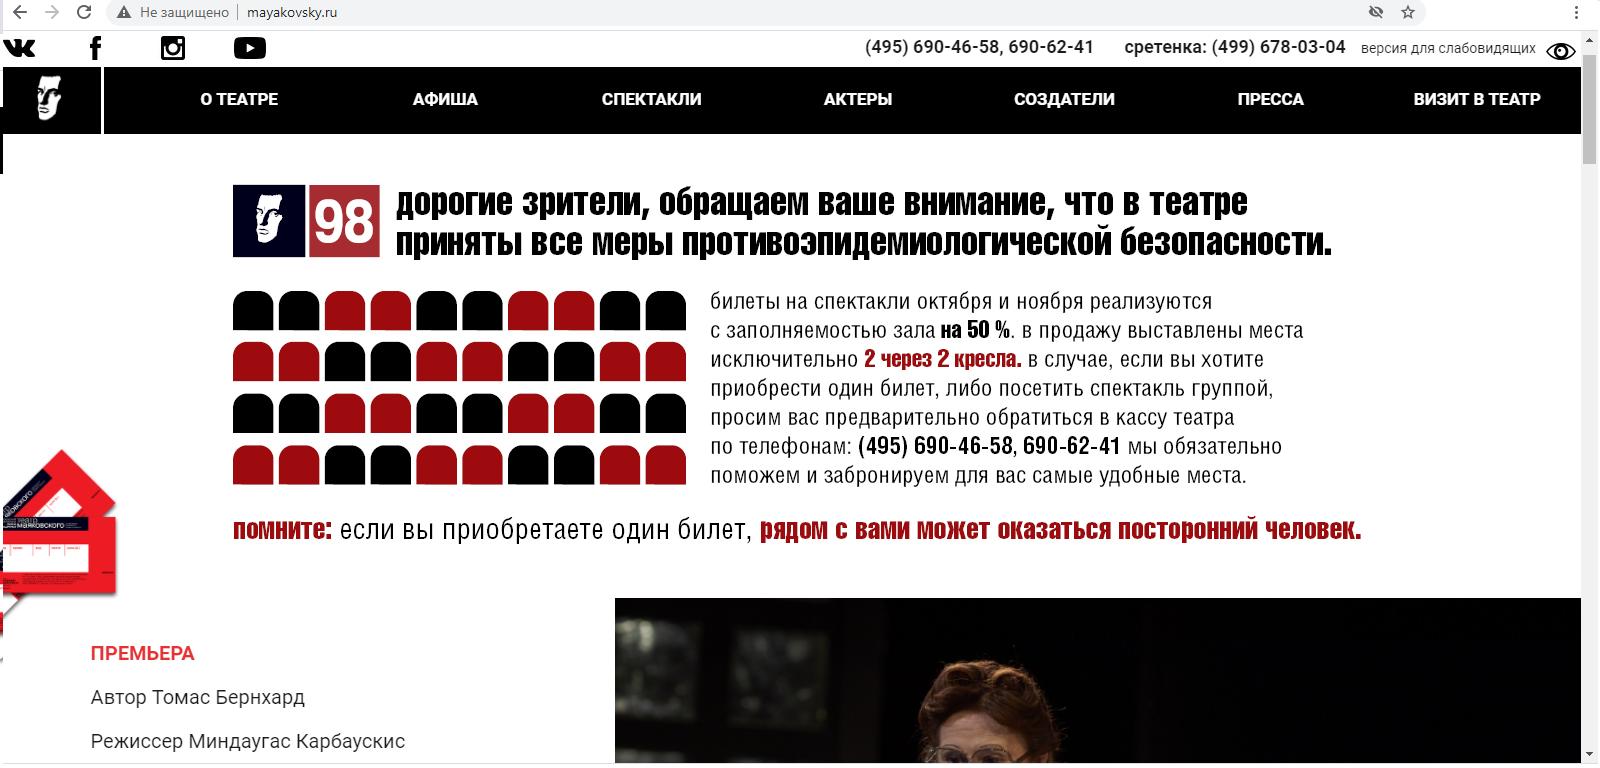 На настоящем сайте театра им. Маяковского информации куда больше